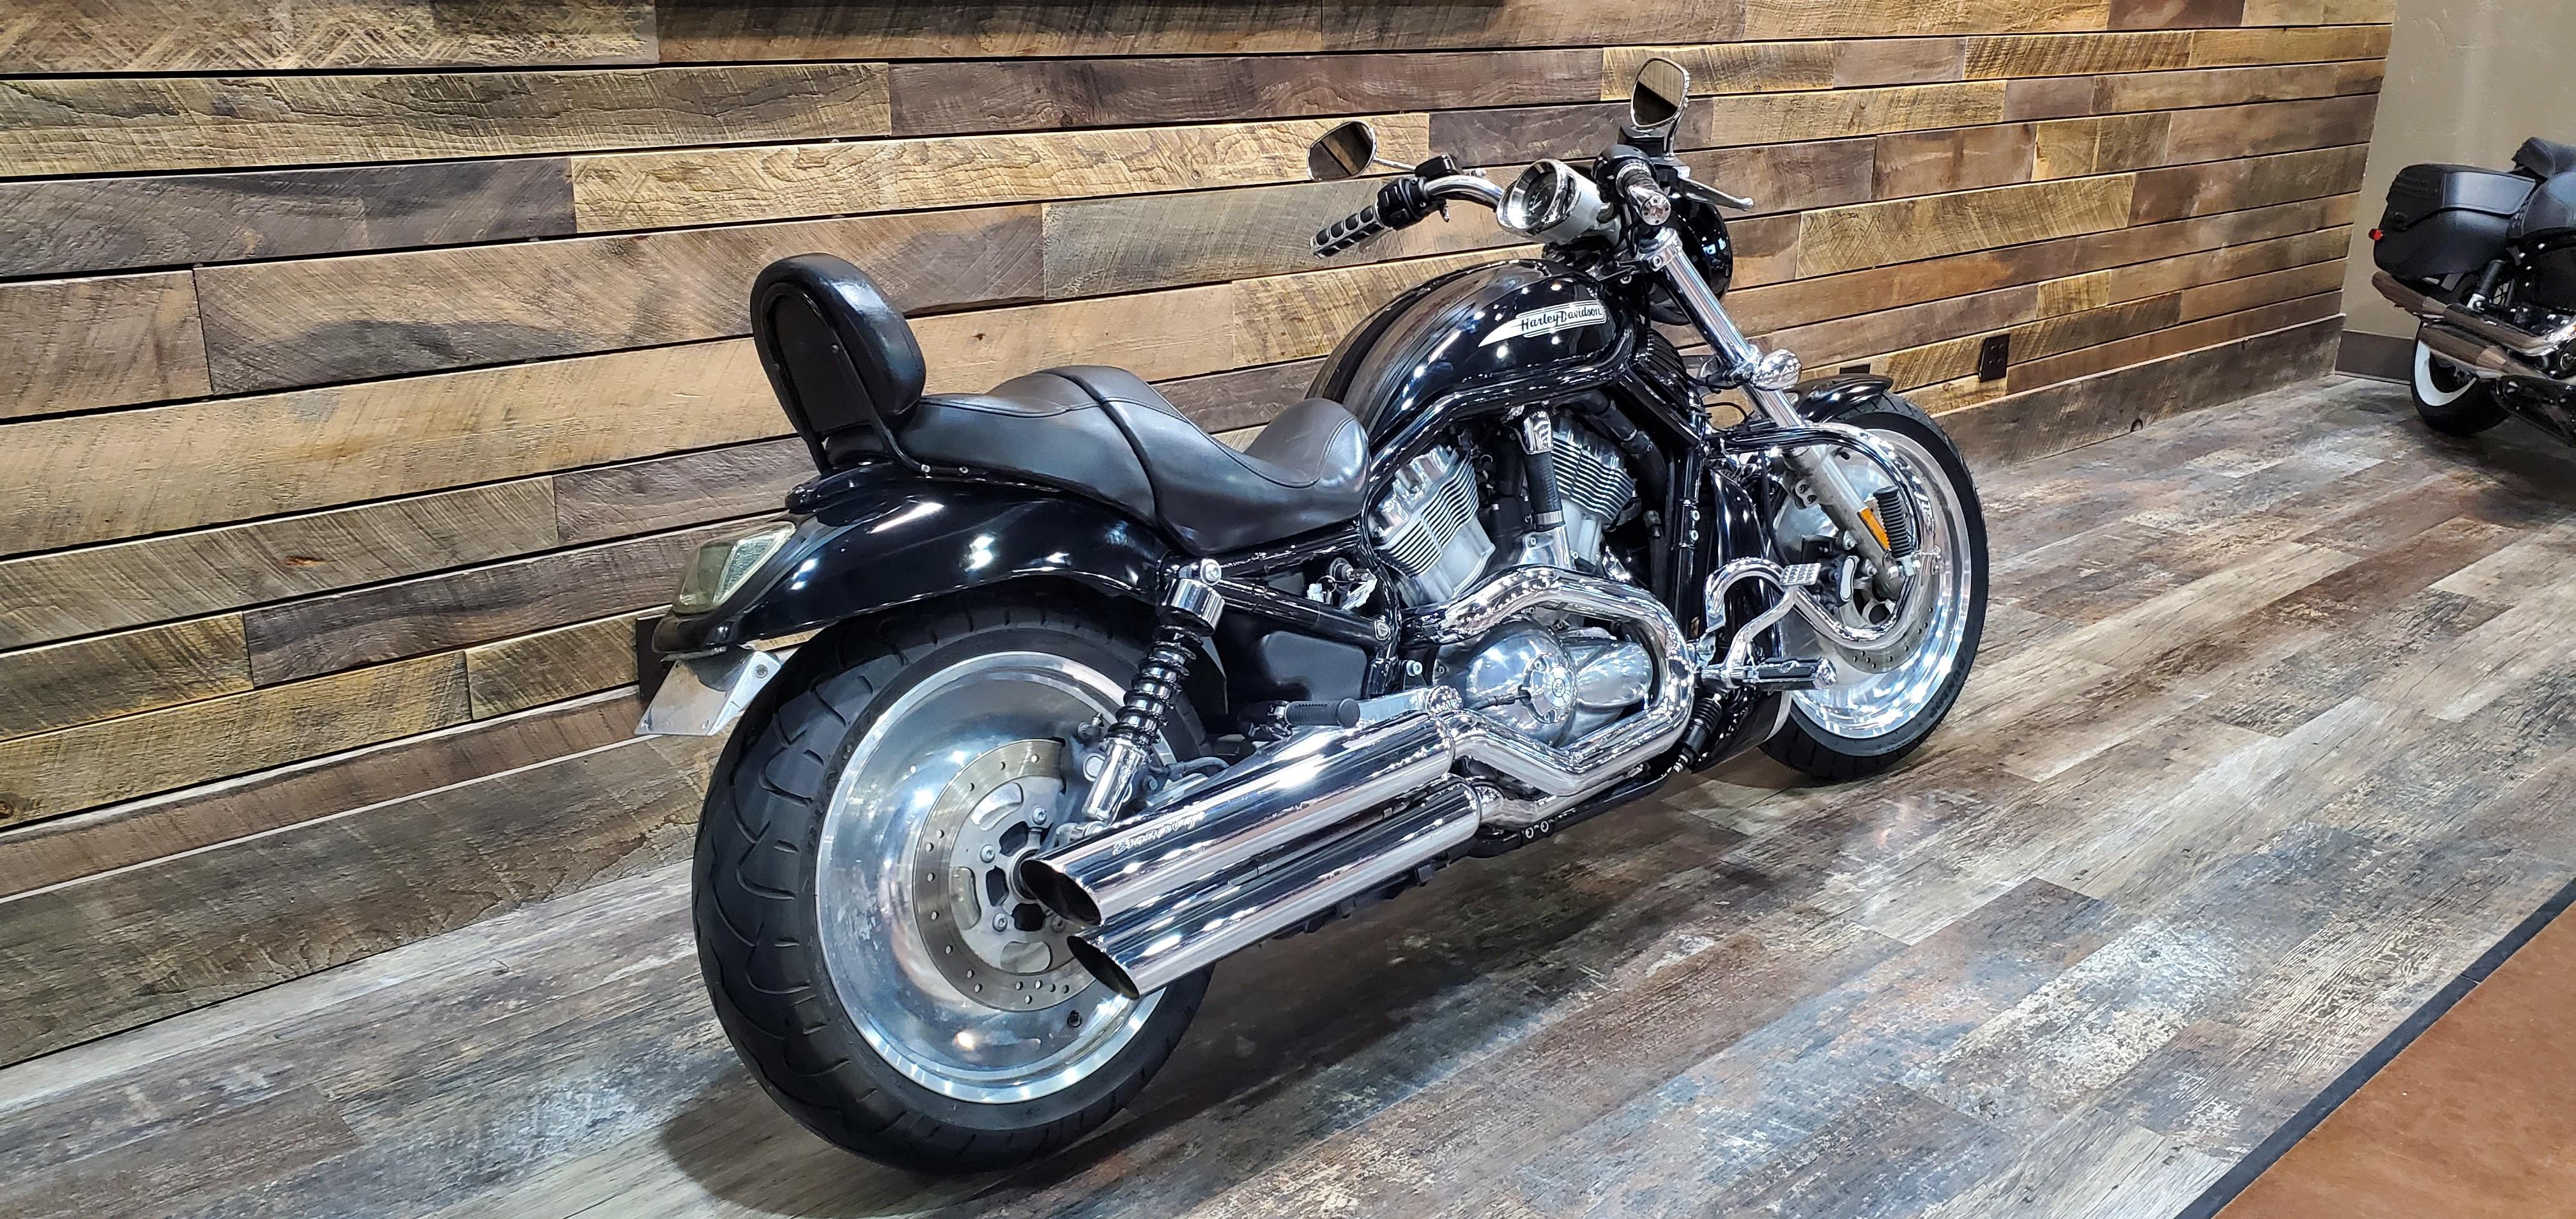 2004 Harley-Davidson VRSC B V-Rod at Bull Falls Harley-Davidson